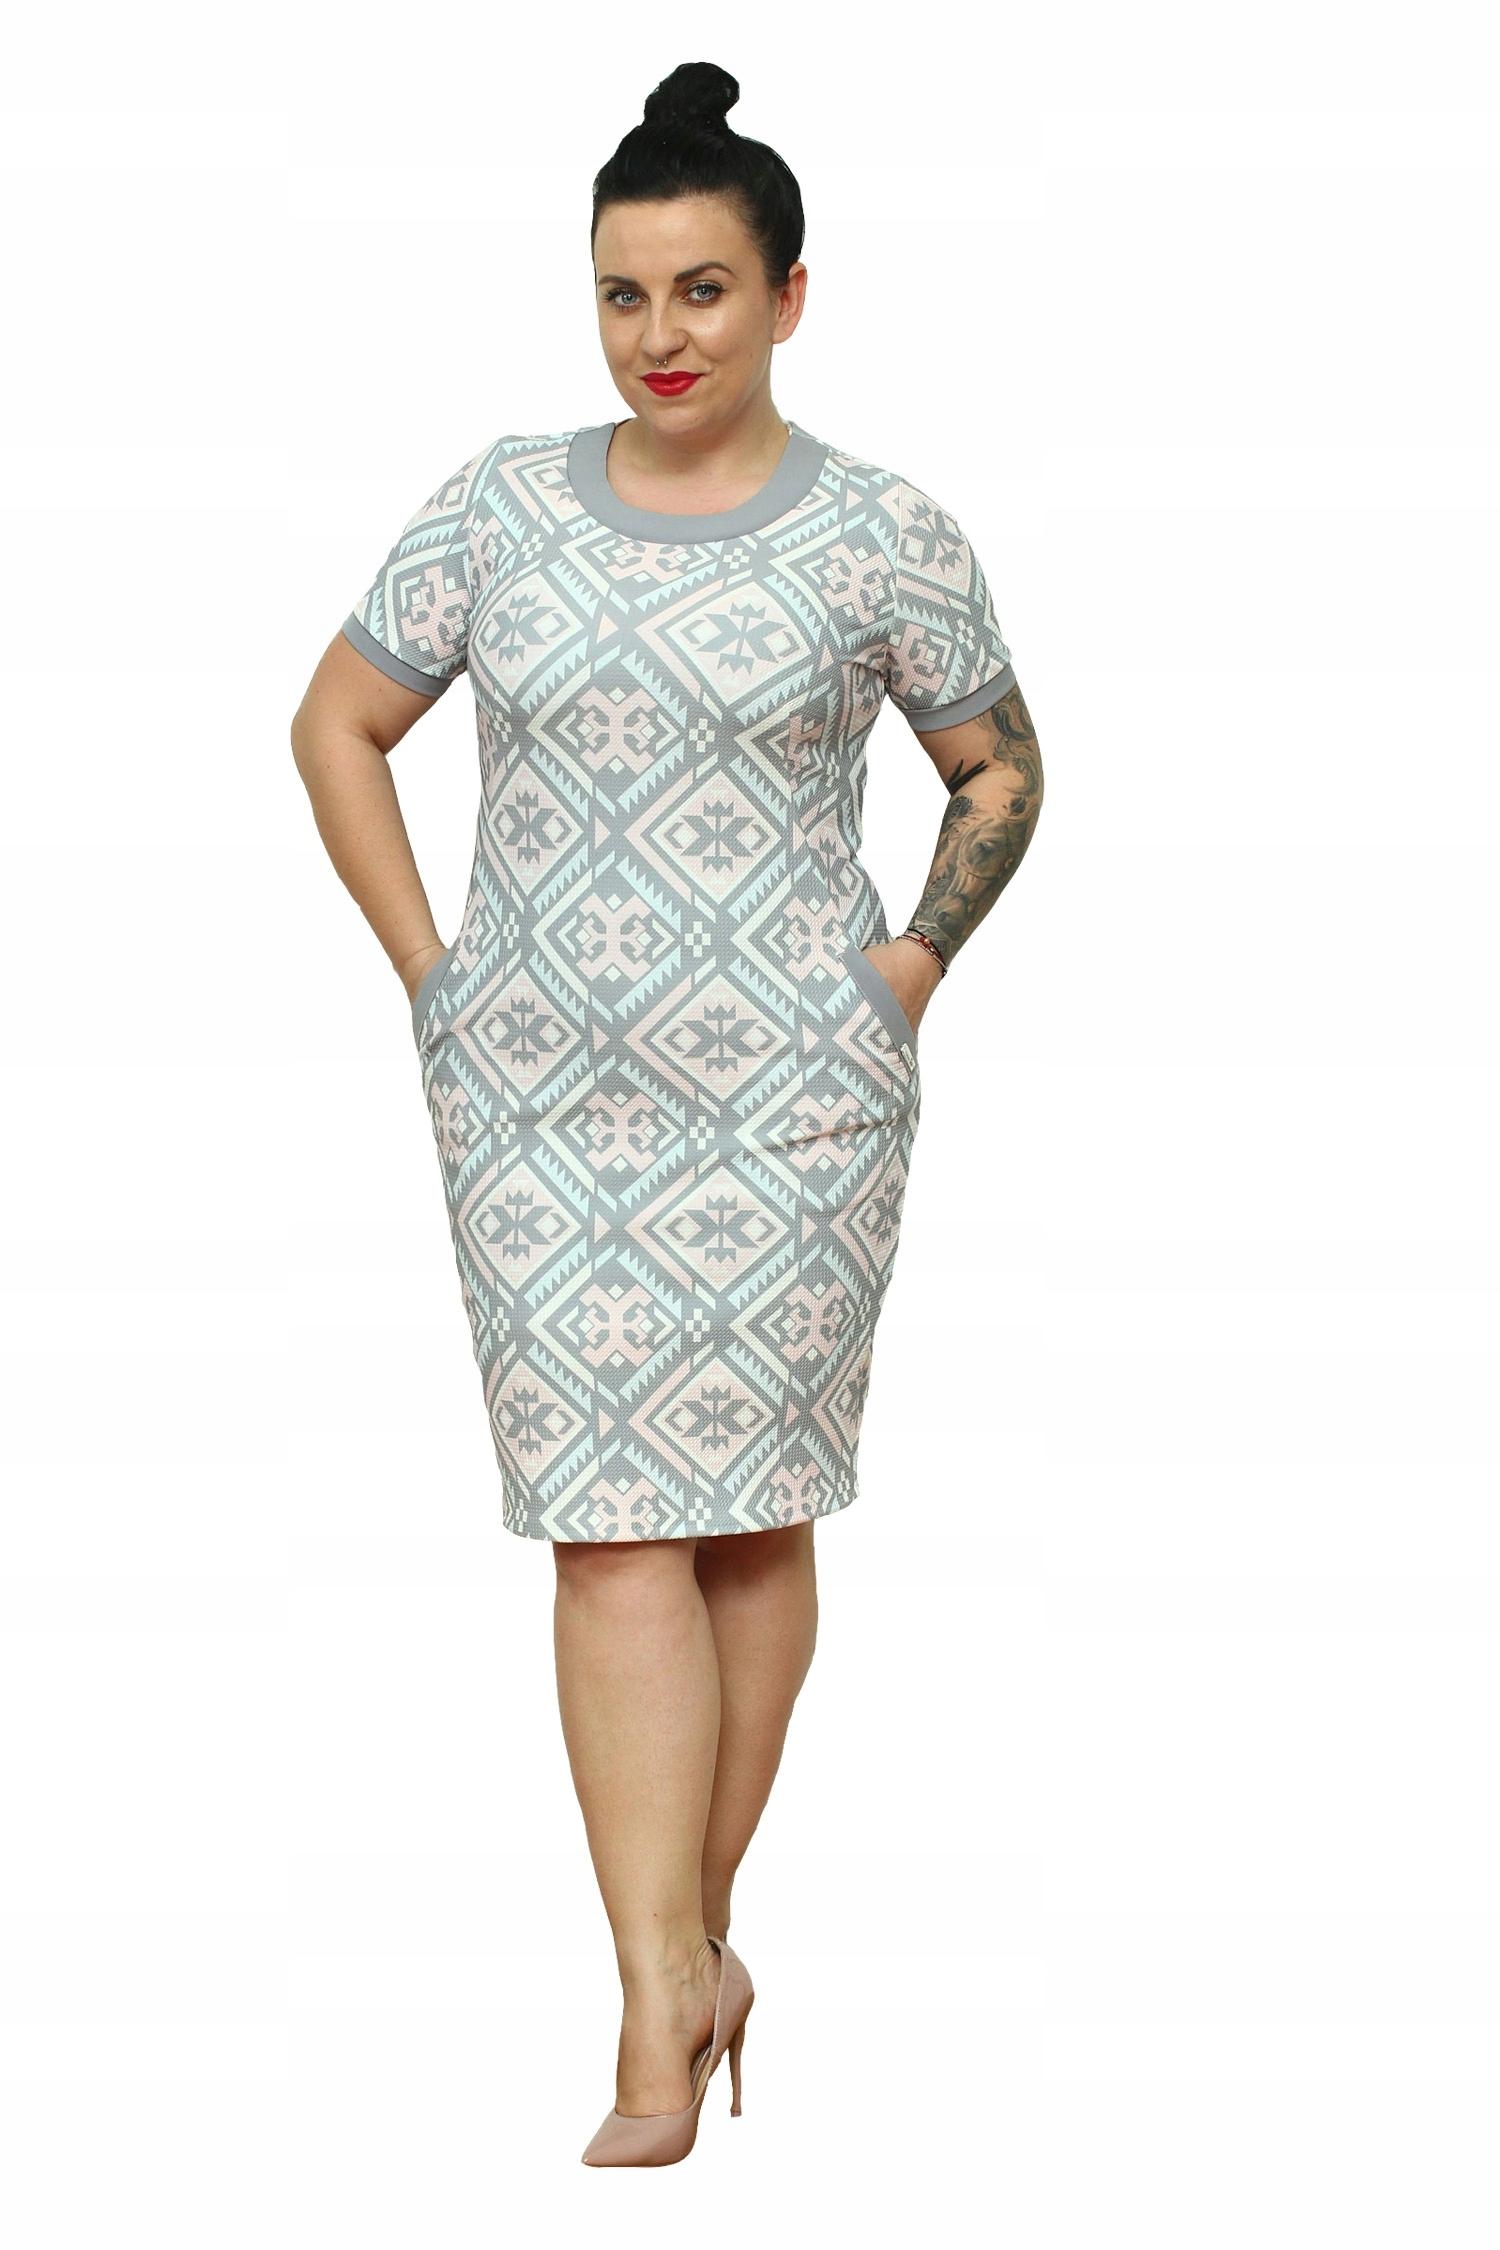 8a853fff71 WYPRZEDAŻ Sukienka Tekla pastelowa orientalna 46 - 7556524270 ...